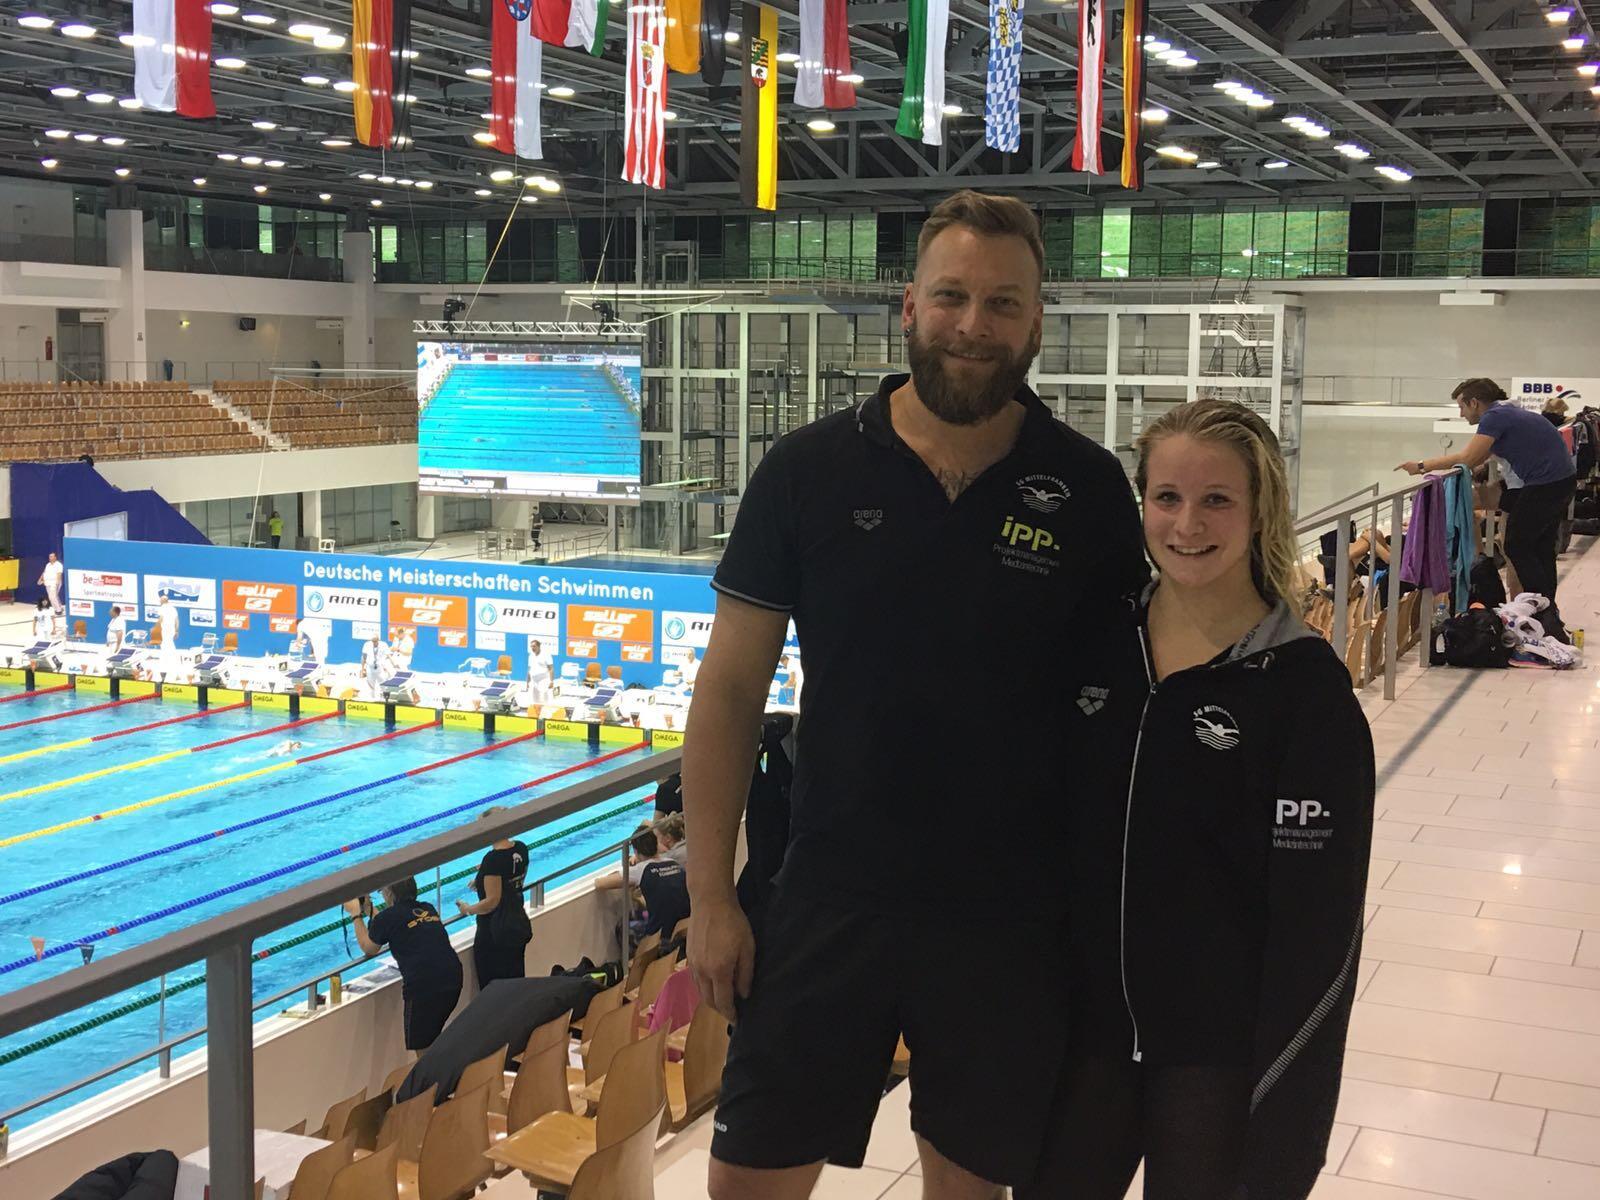 schwimmen berlin deutsche meisterschaften